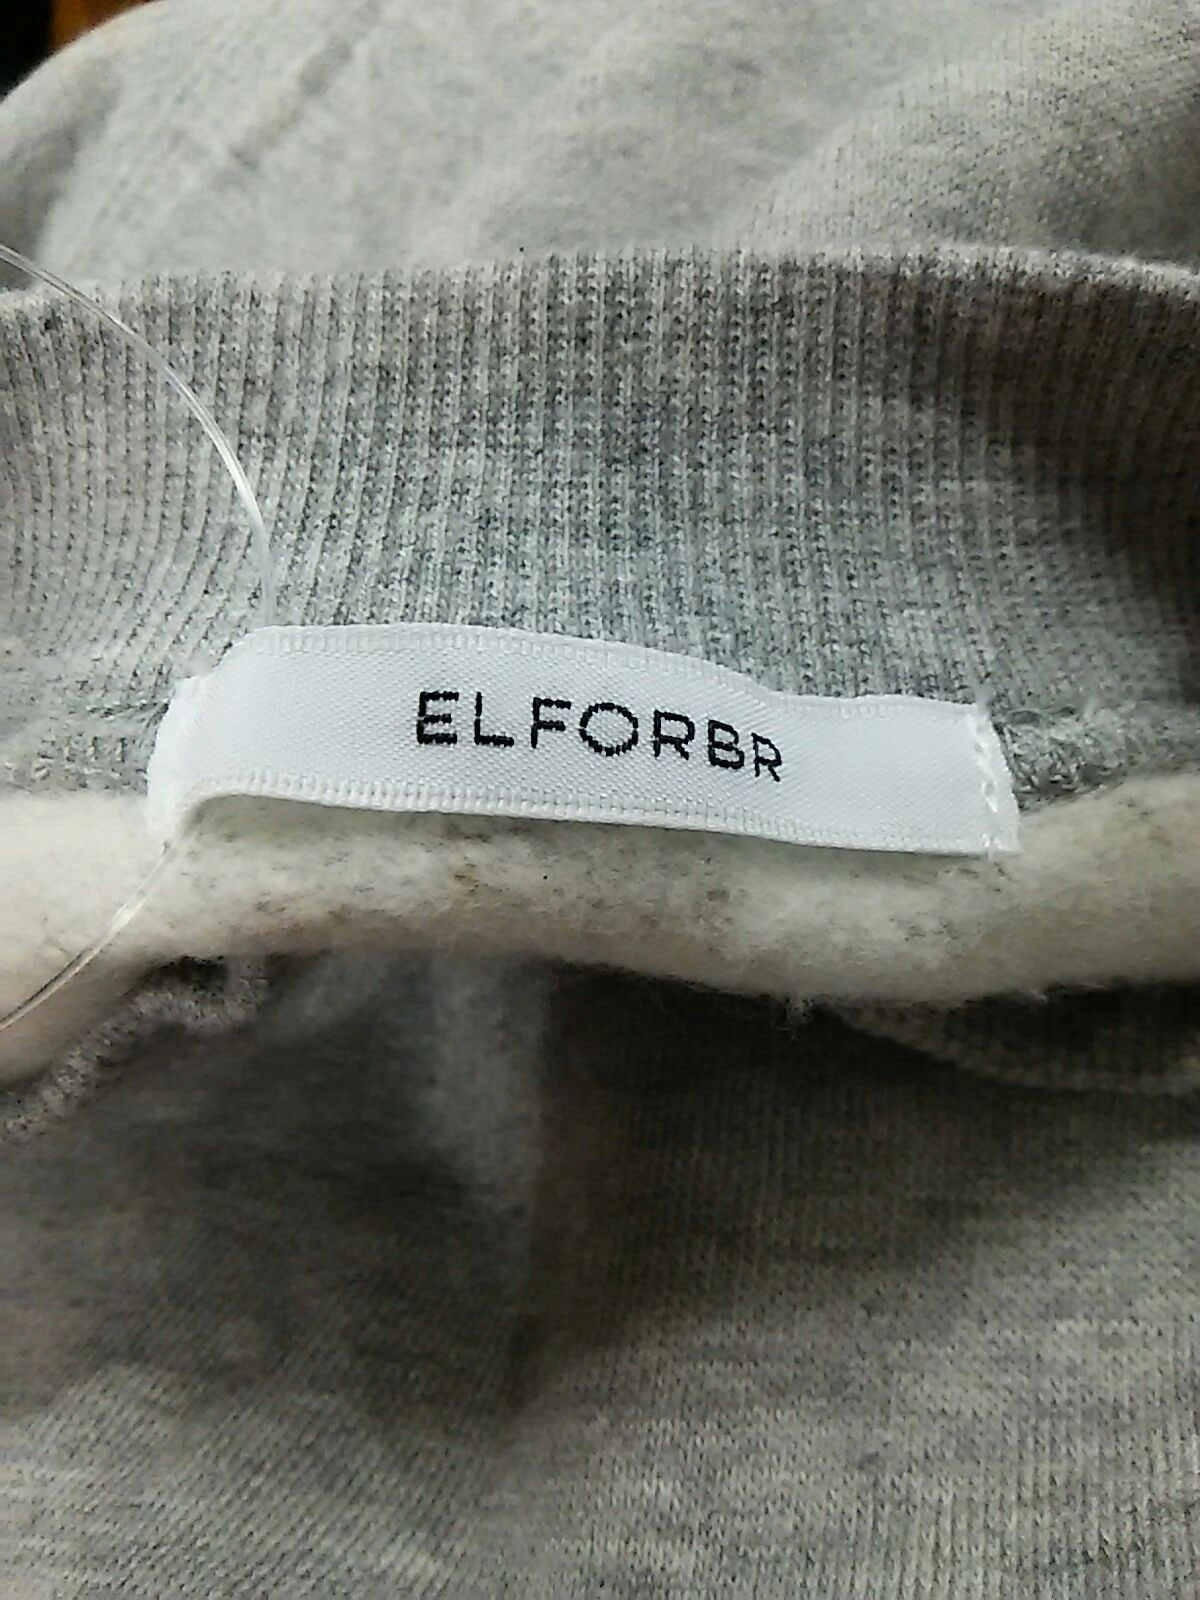 ELFORBR(エルフォーブル)のトレーナー